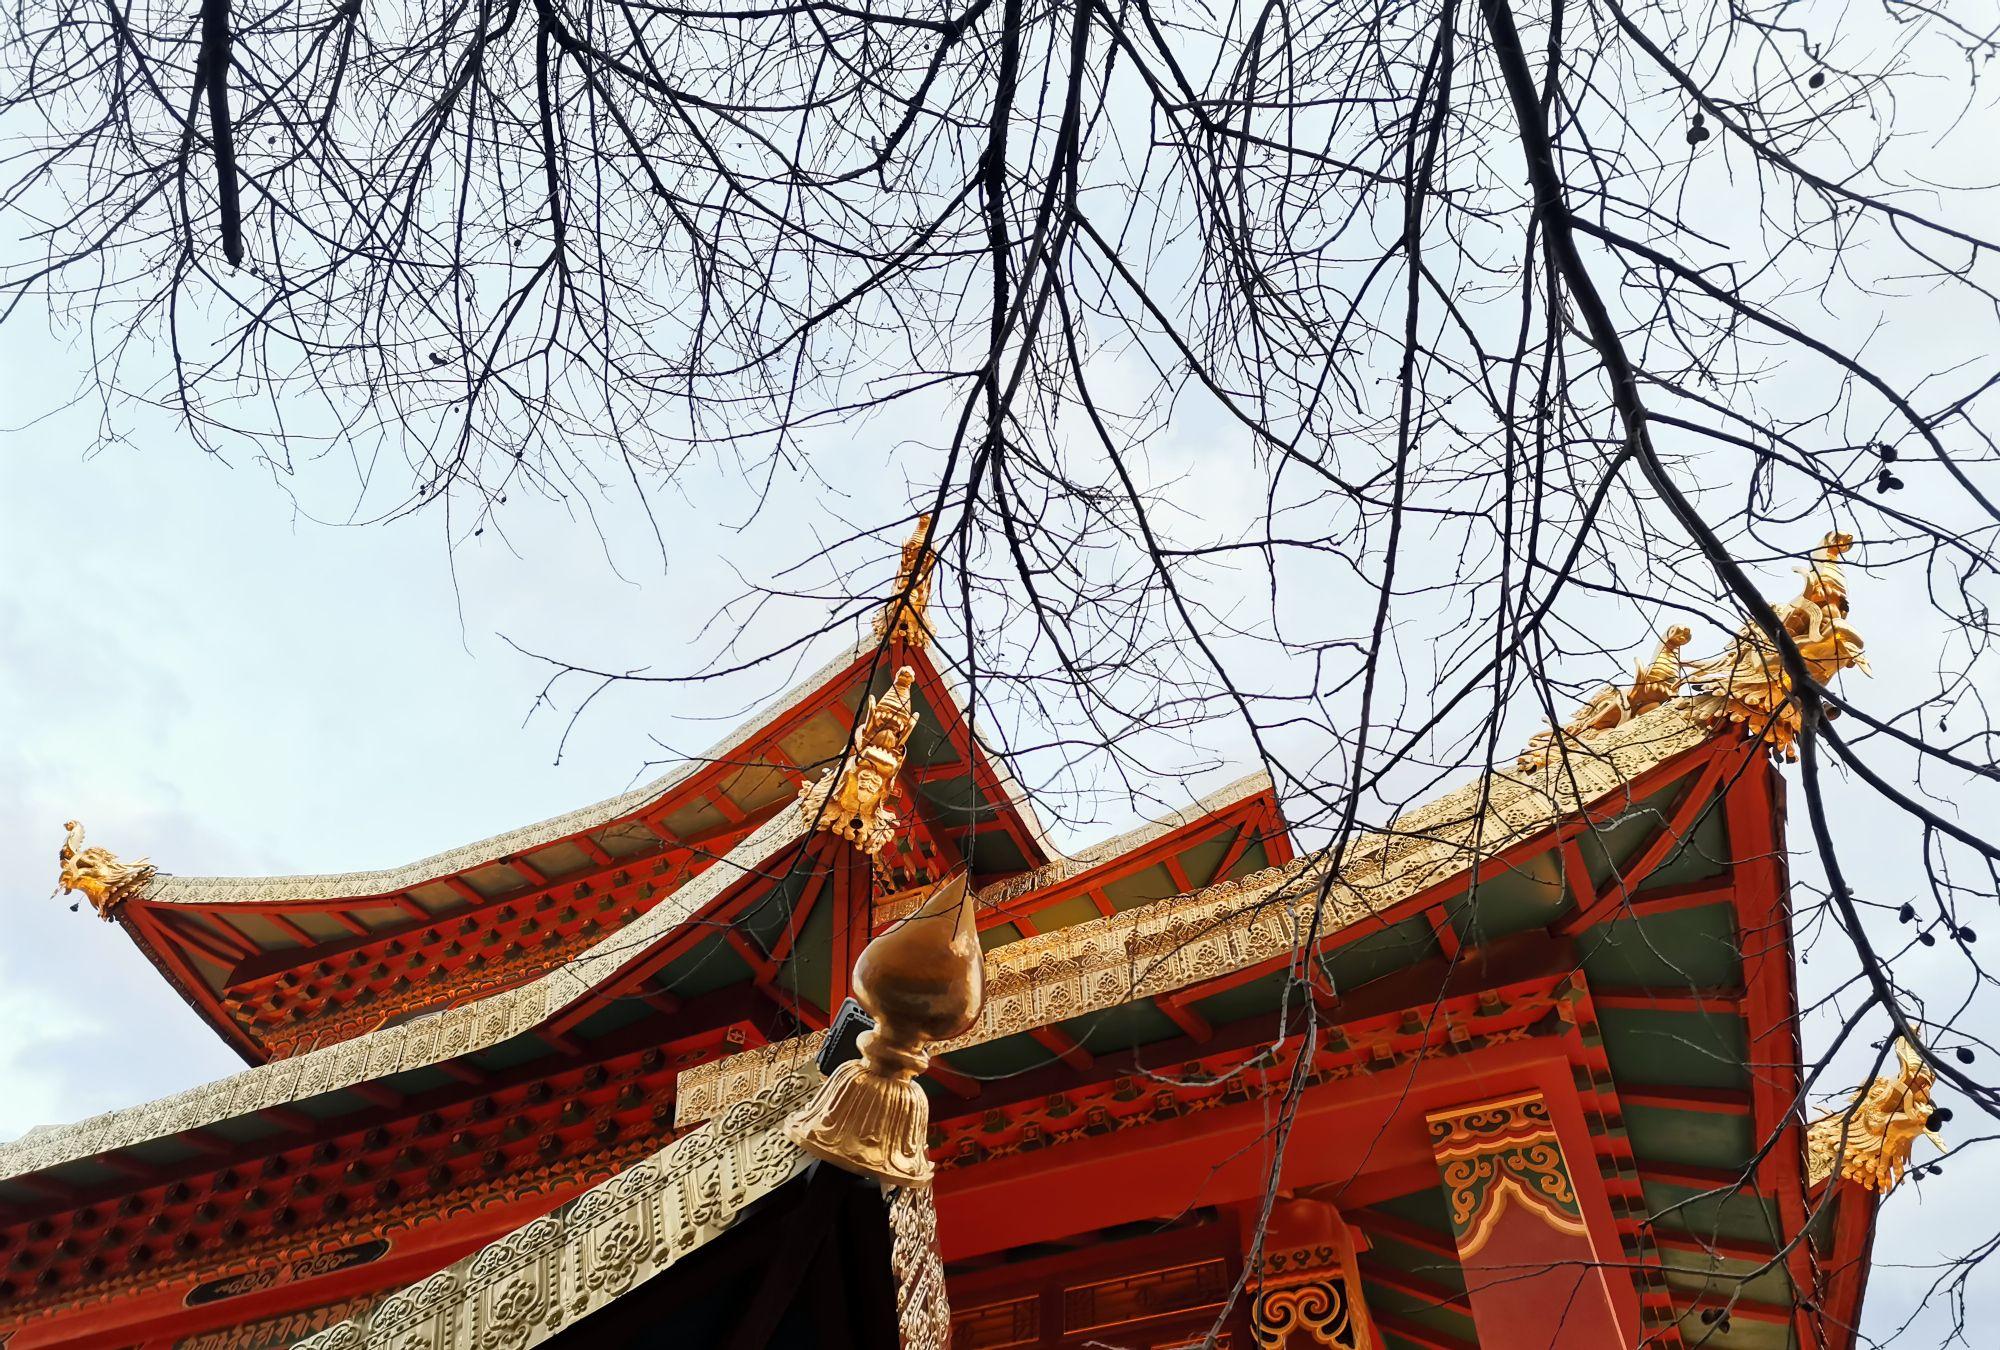 香格里拉独克宗古城,巨大的转经筒、古朴的茶马古道